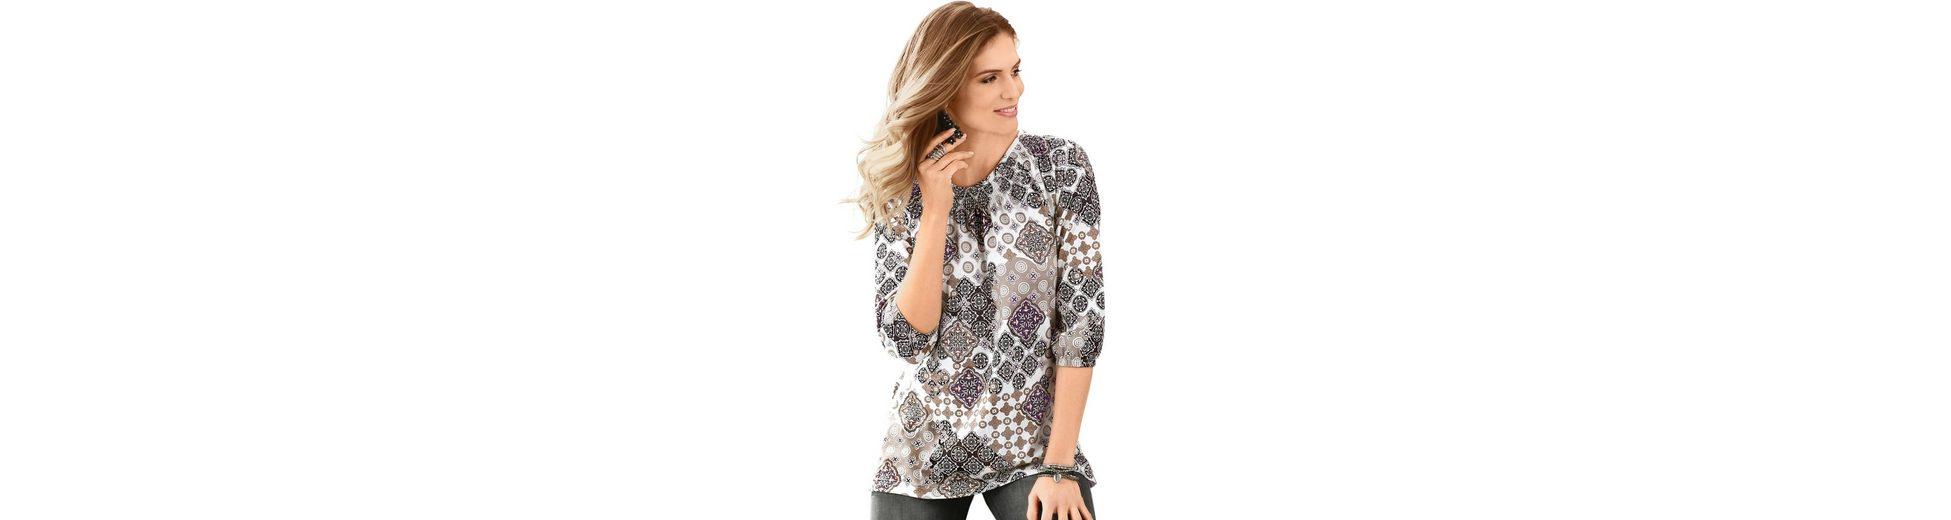 Classic Basics Shirt mit komfortablen Raglanärmeln Auslass 100% Authentisch Auslass Sehr Billig Finden Große Zum Verkauf Steckdose Am Besten Beste Preise Im Netz YBhDUKJ